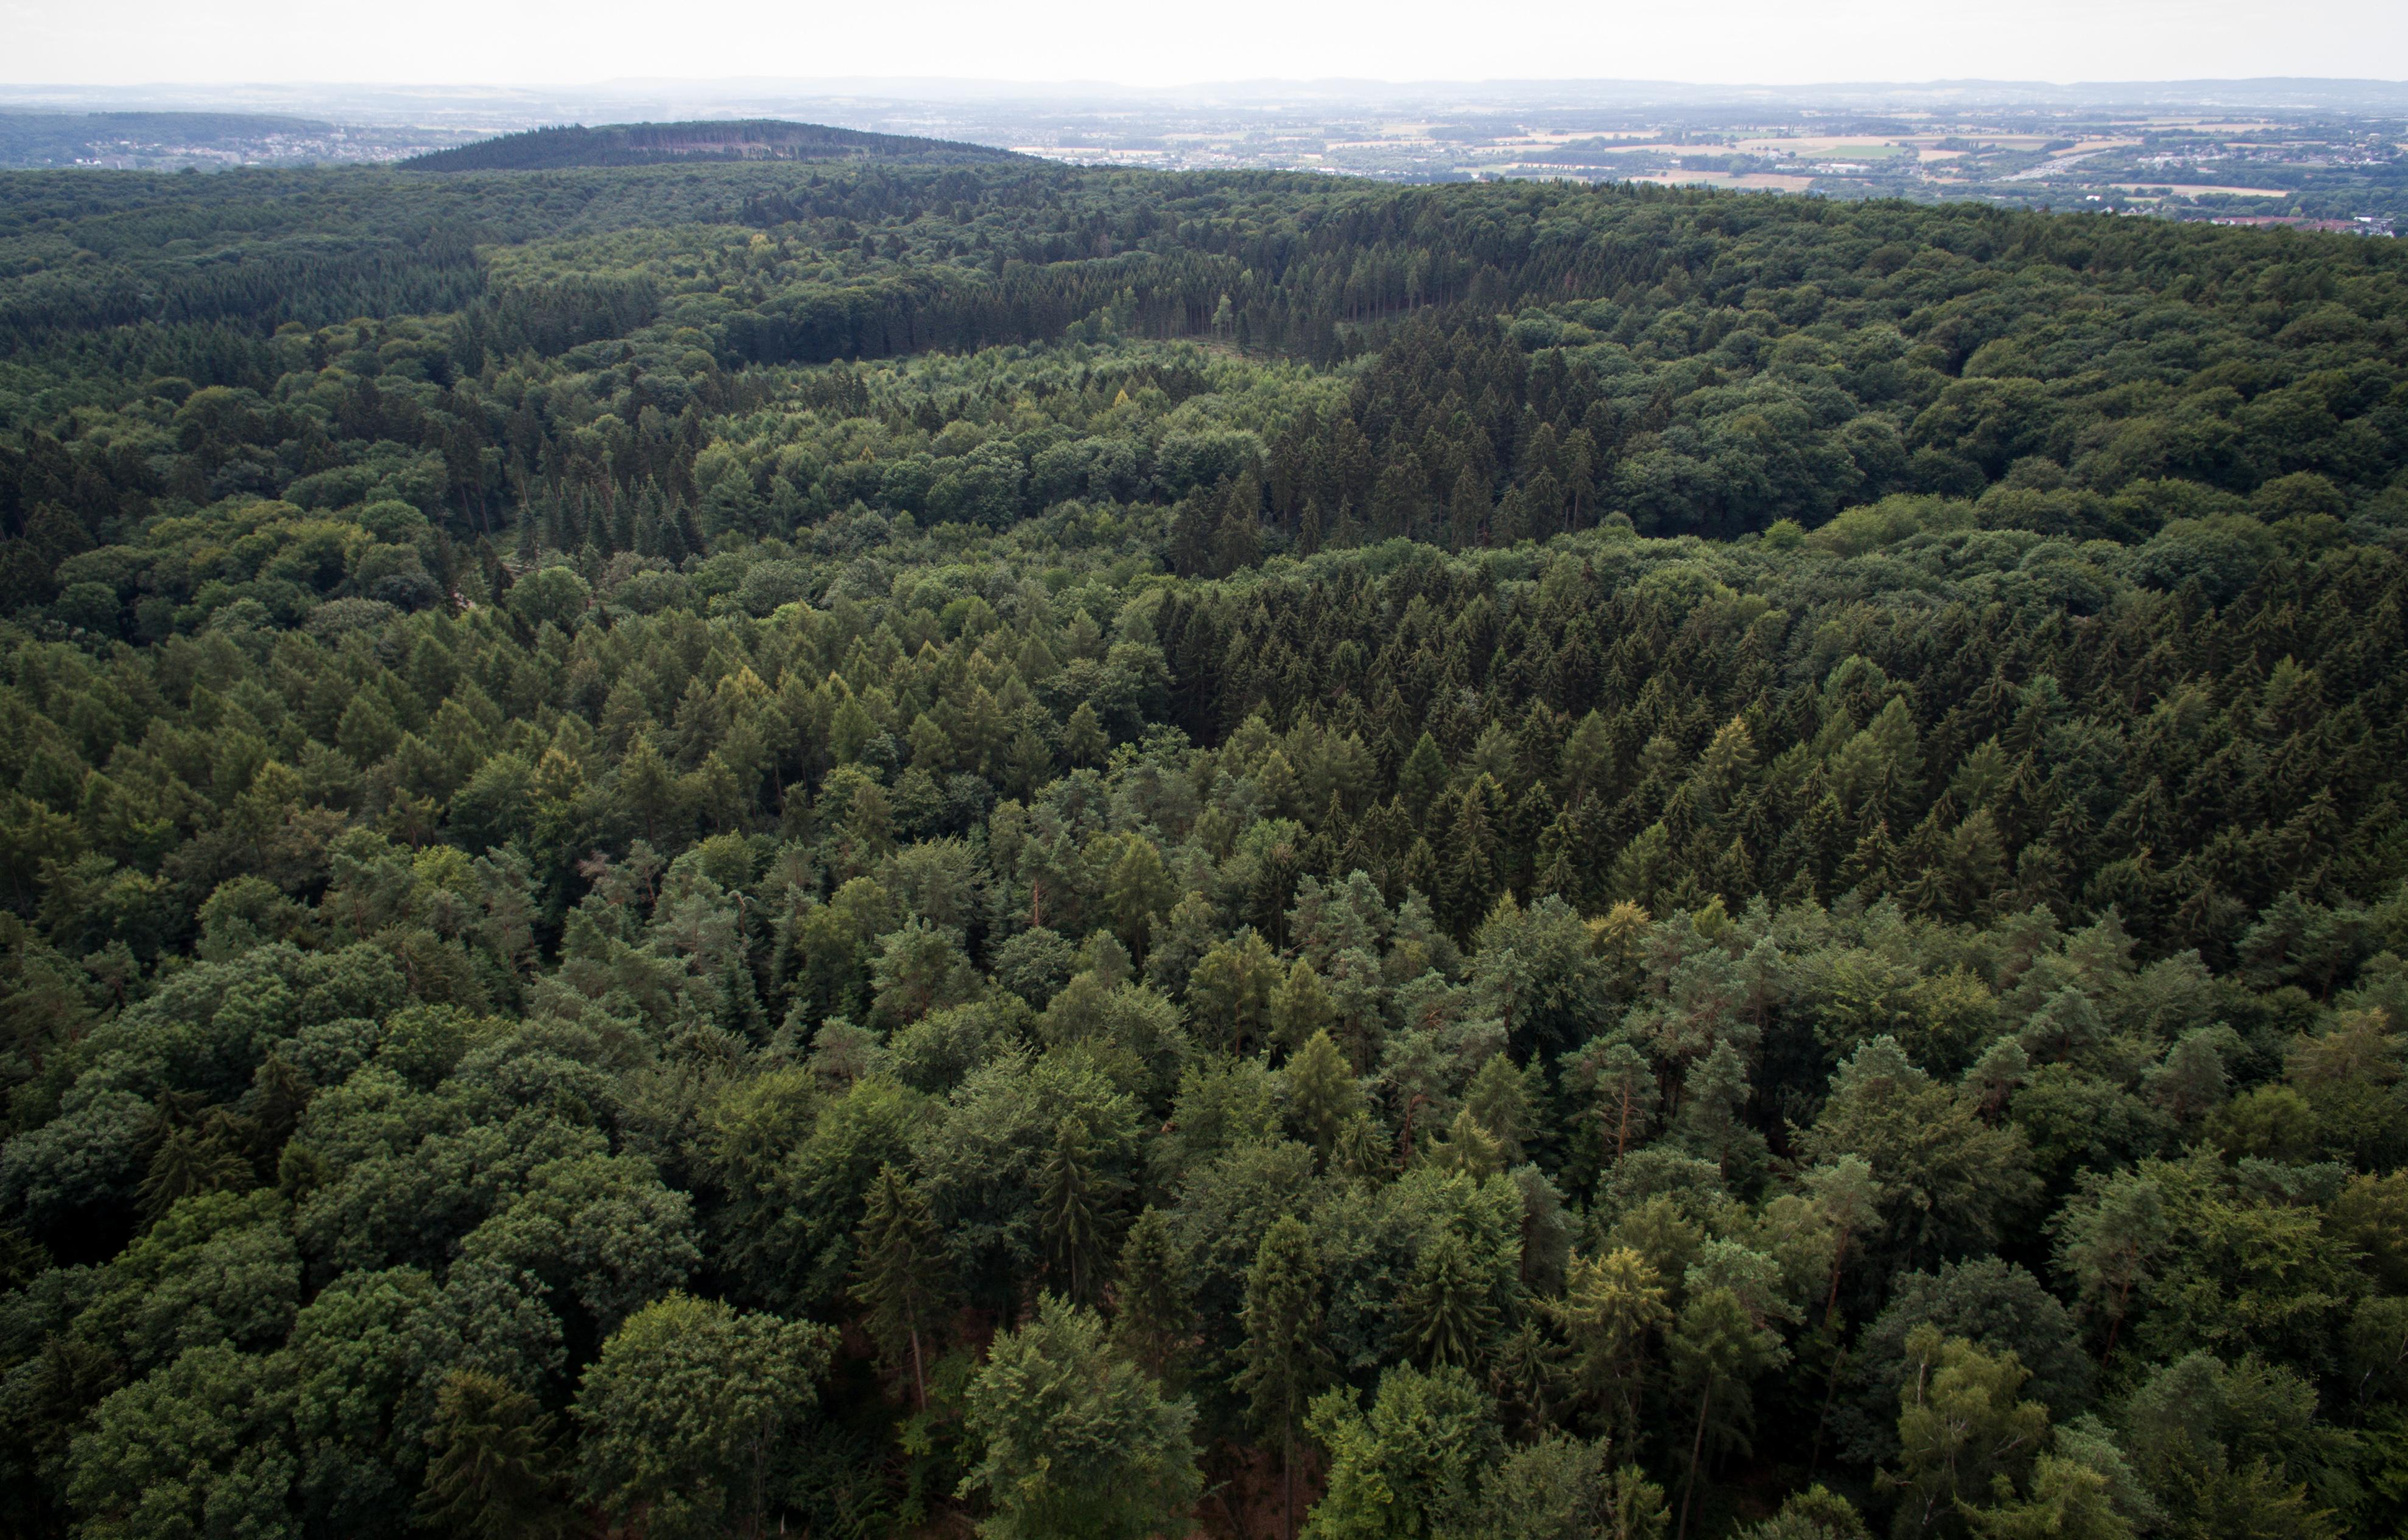 Hatalmas városi erdőket tervez az ENSZ a klímaváltozás megfékezésére